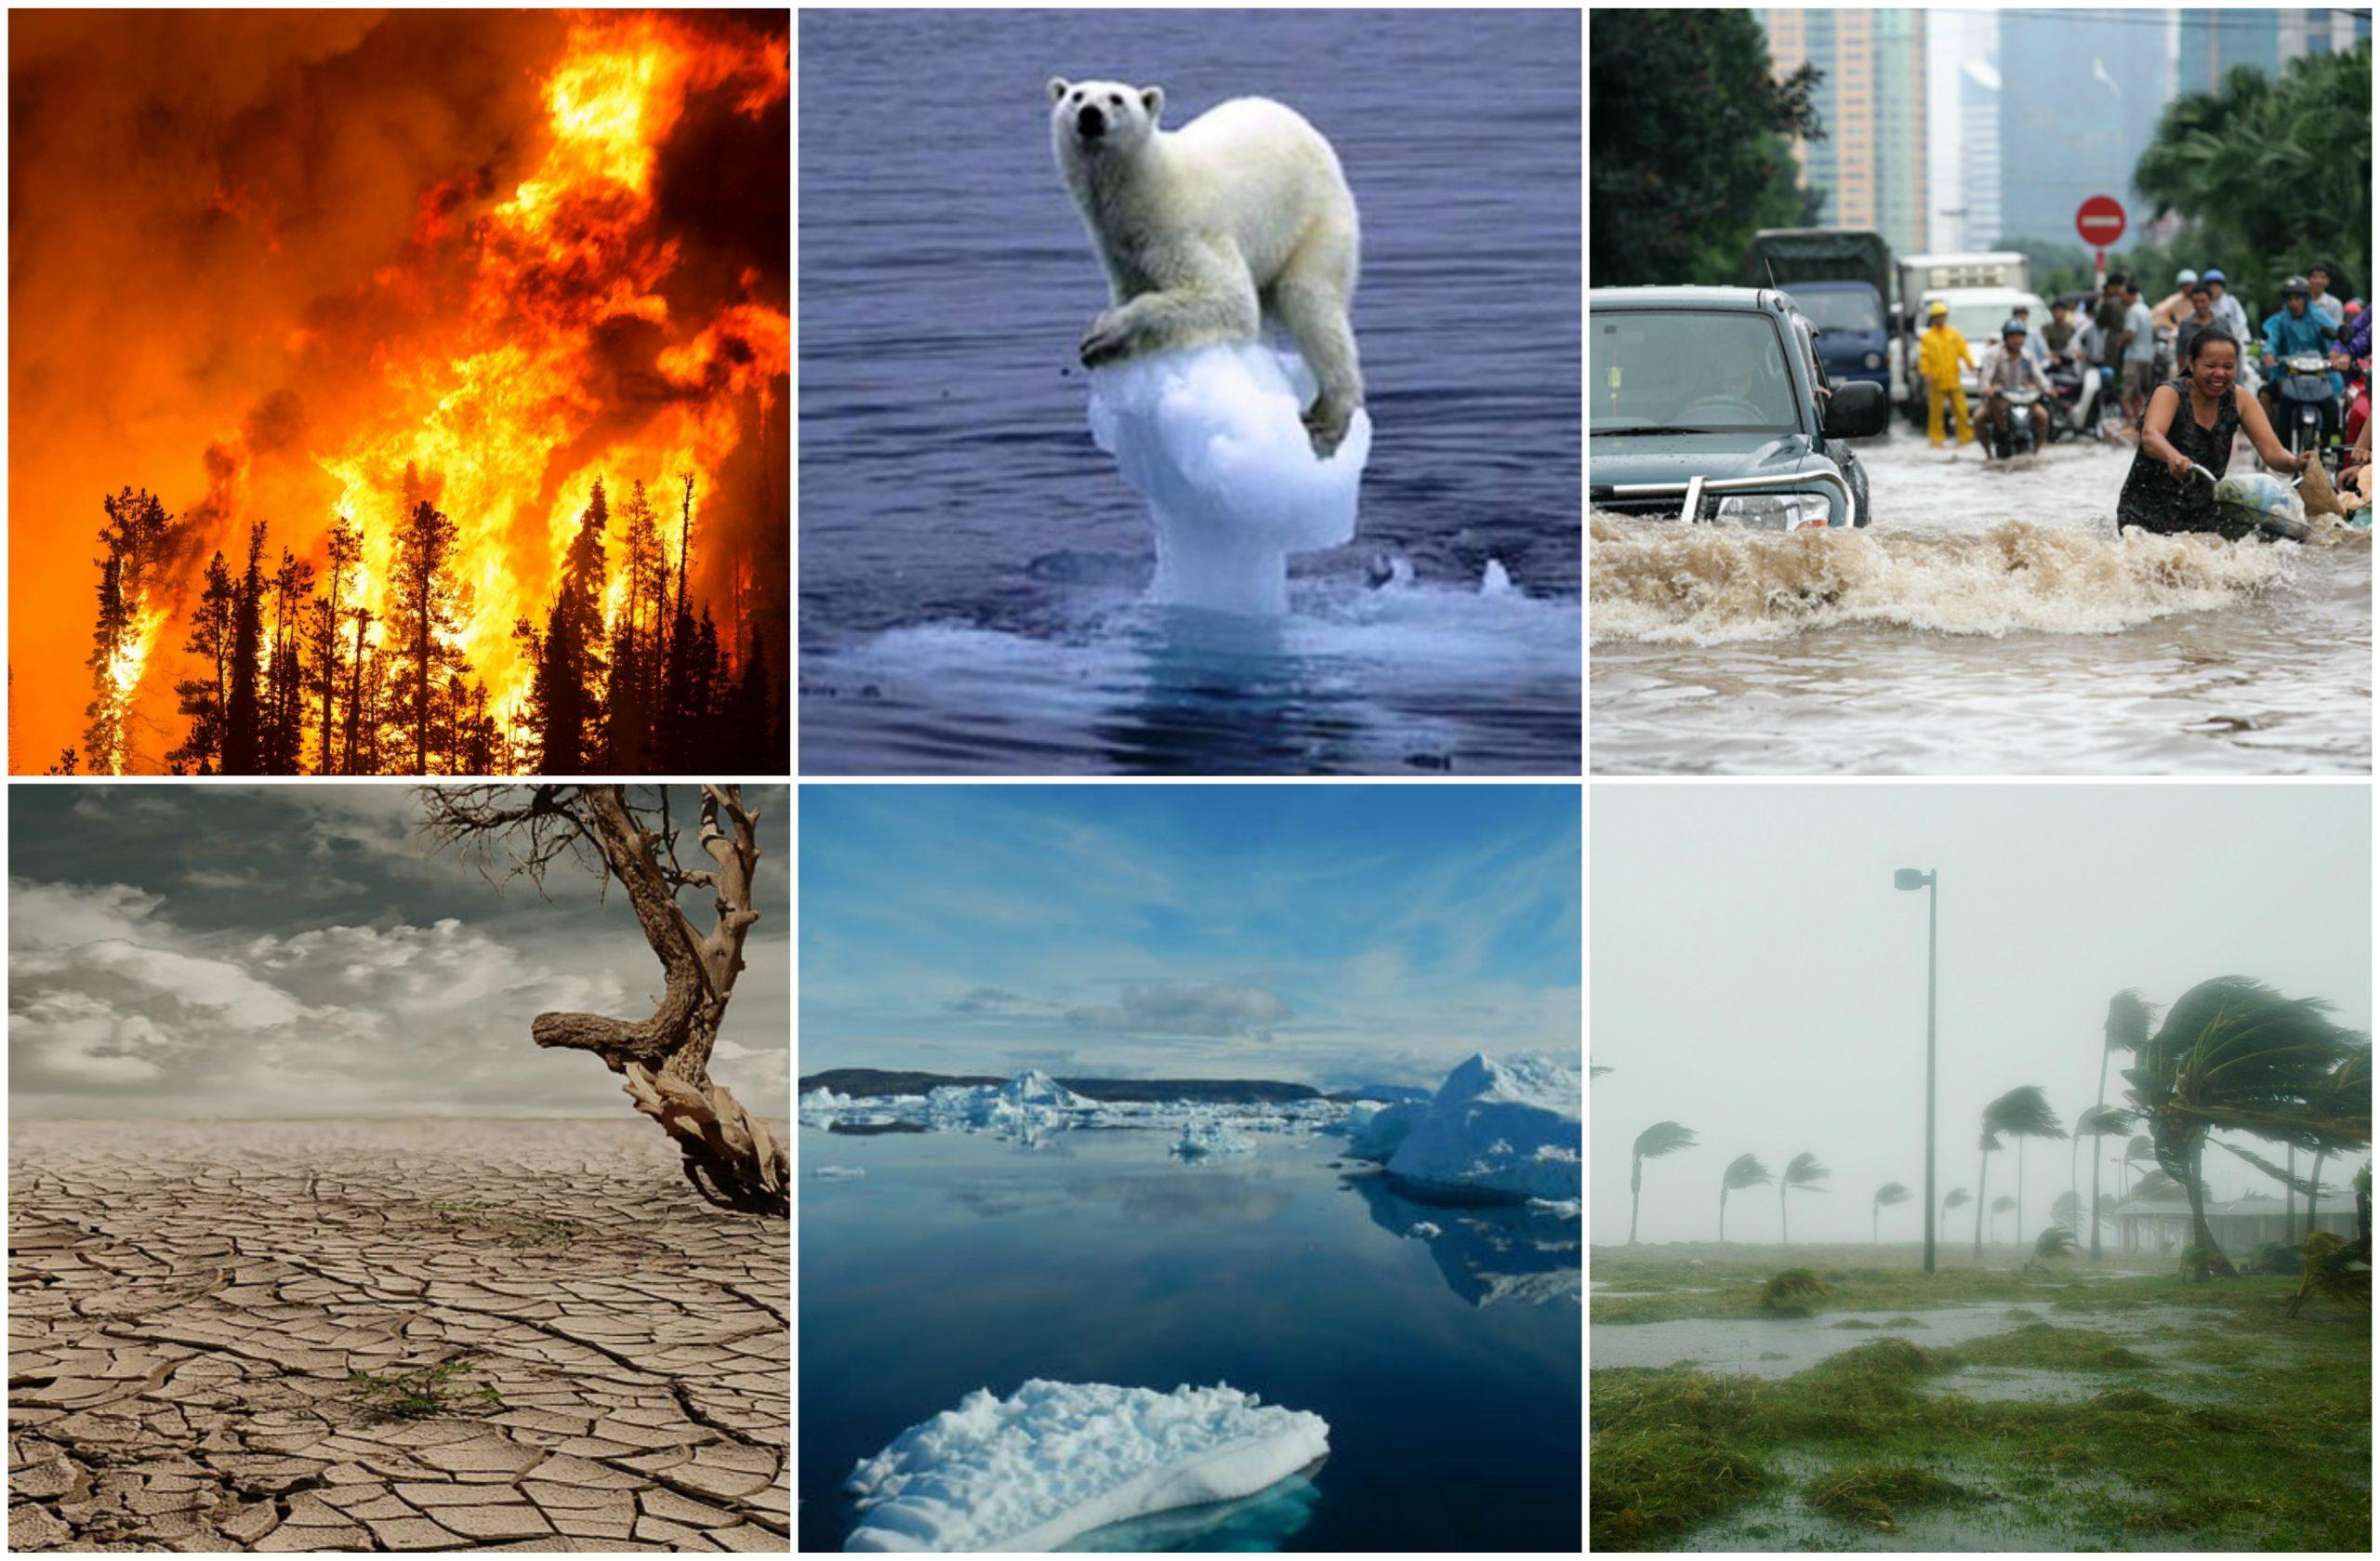 आईपीसीसी रिपोर्ट विश्व को जलवायु आपदा की याद दिलाती है